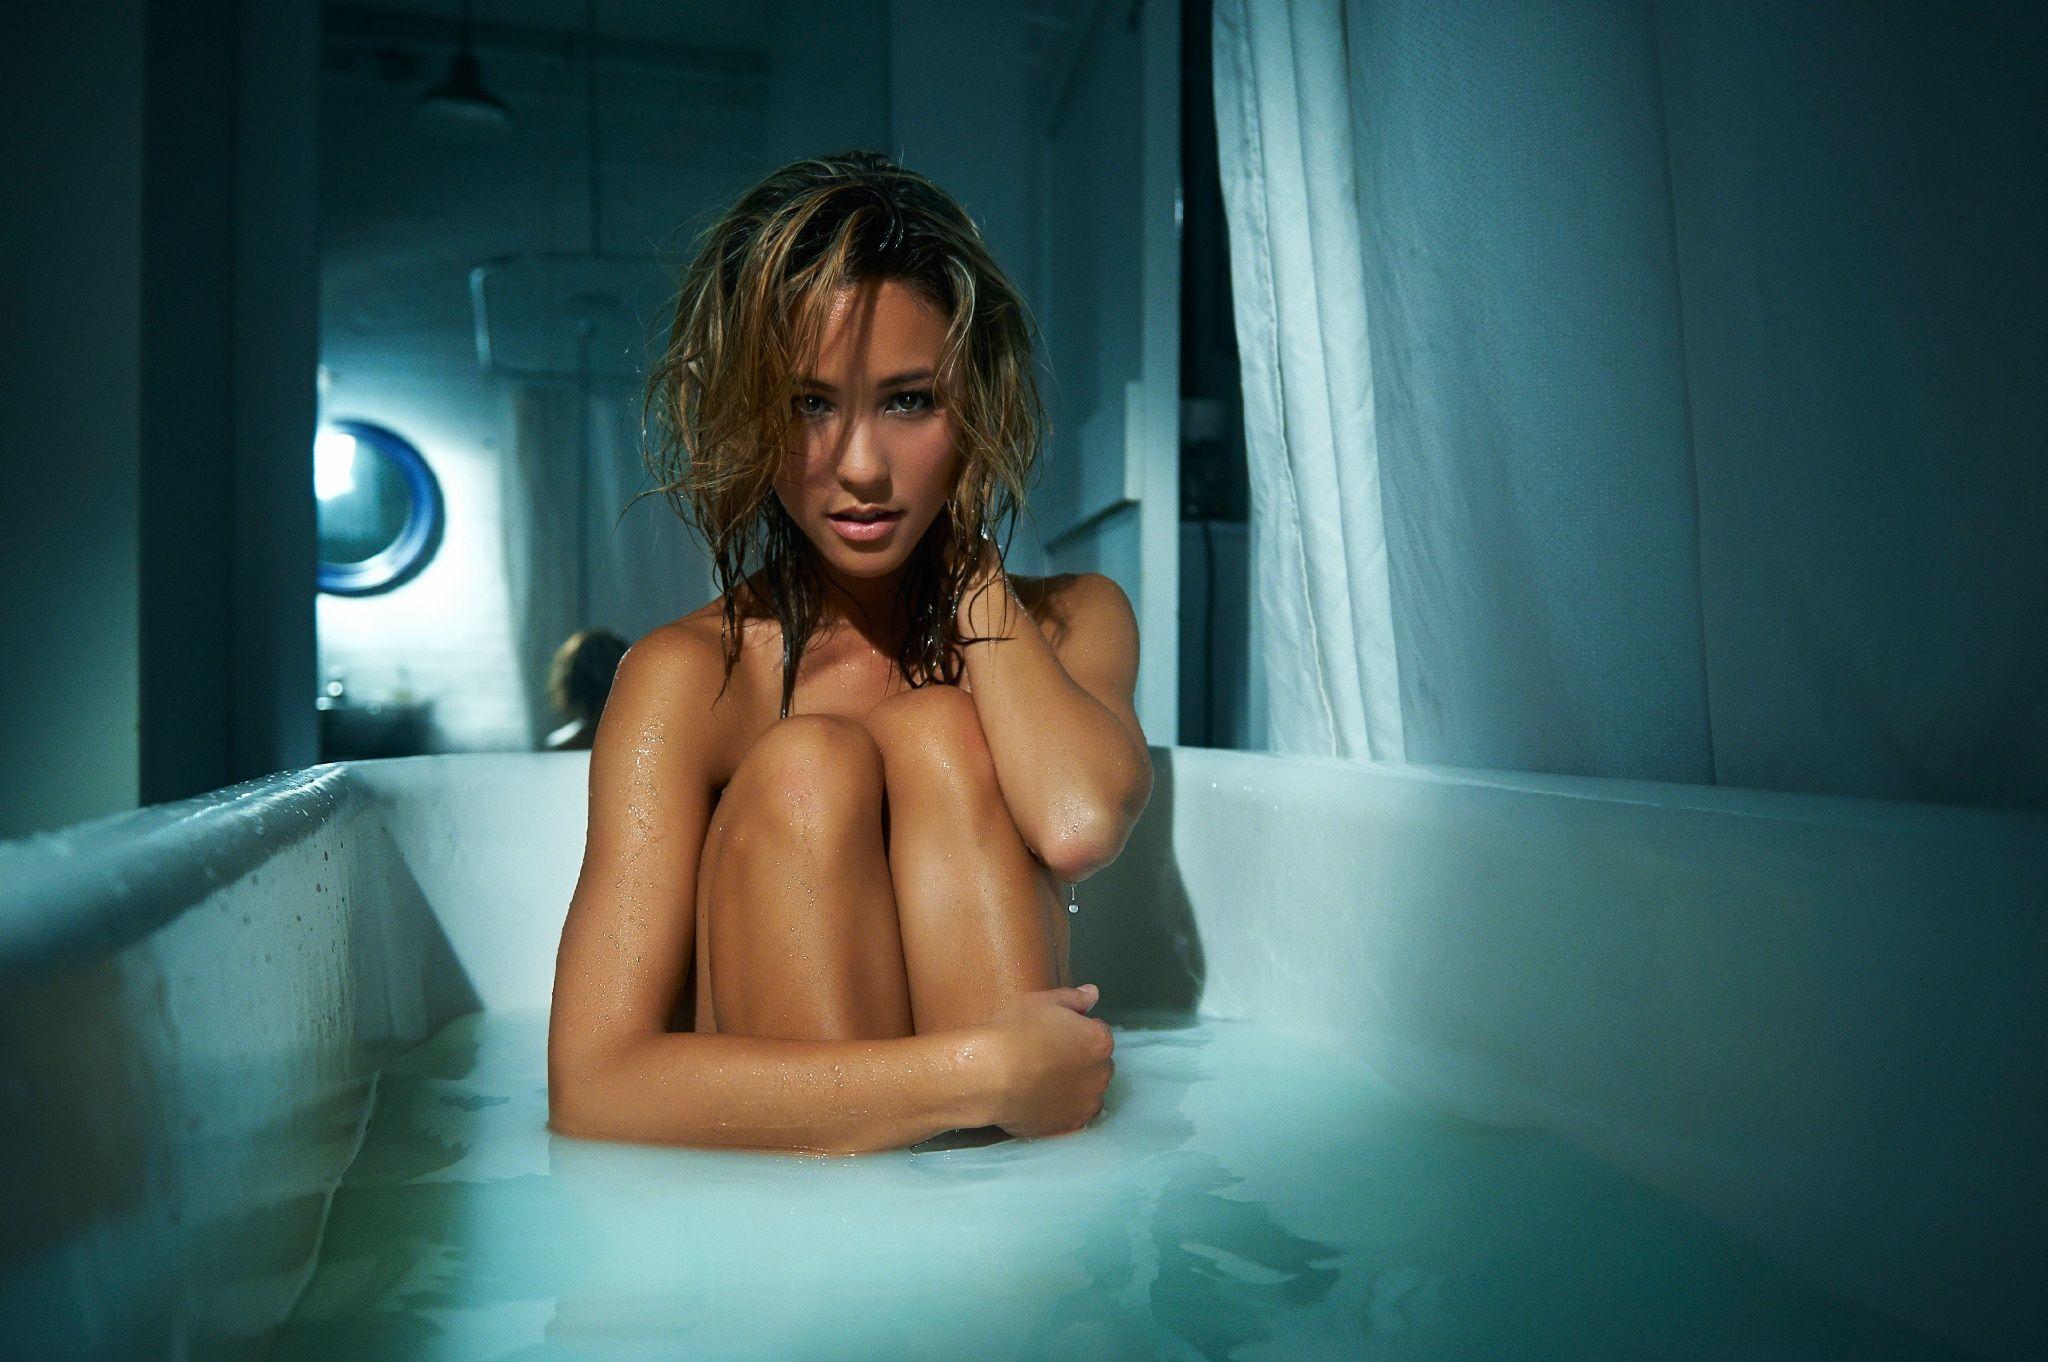 bilder naken flickaktiga